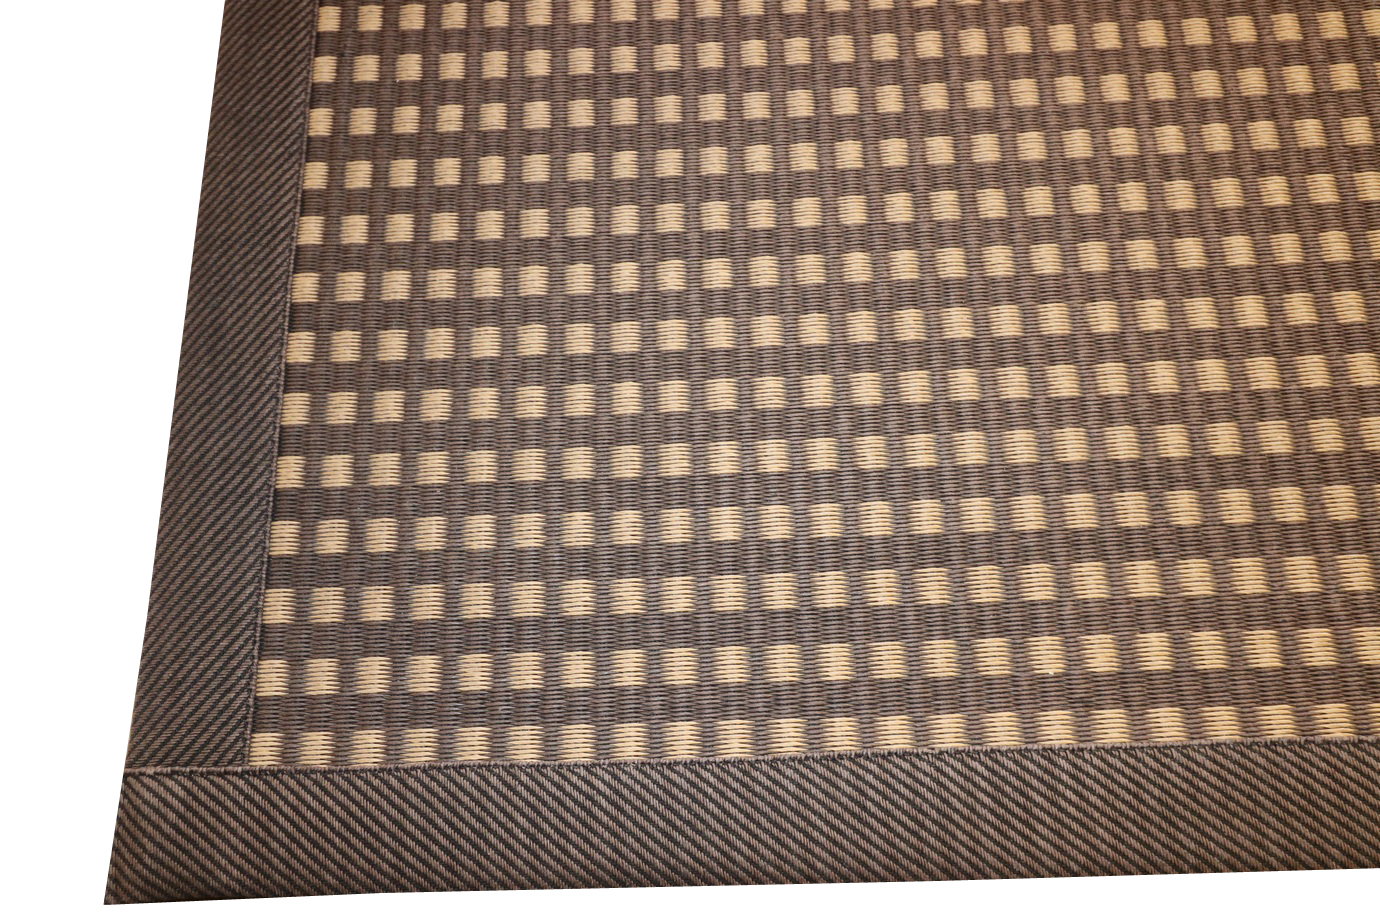 teppiche berf rben entf rben nachhaltig modernisieren upcycling. Black Bedroom Furniture Sets. Home Design Ideas